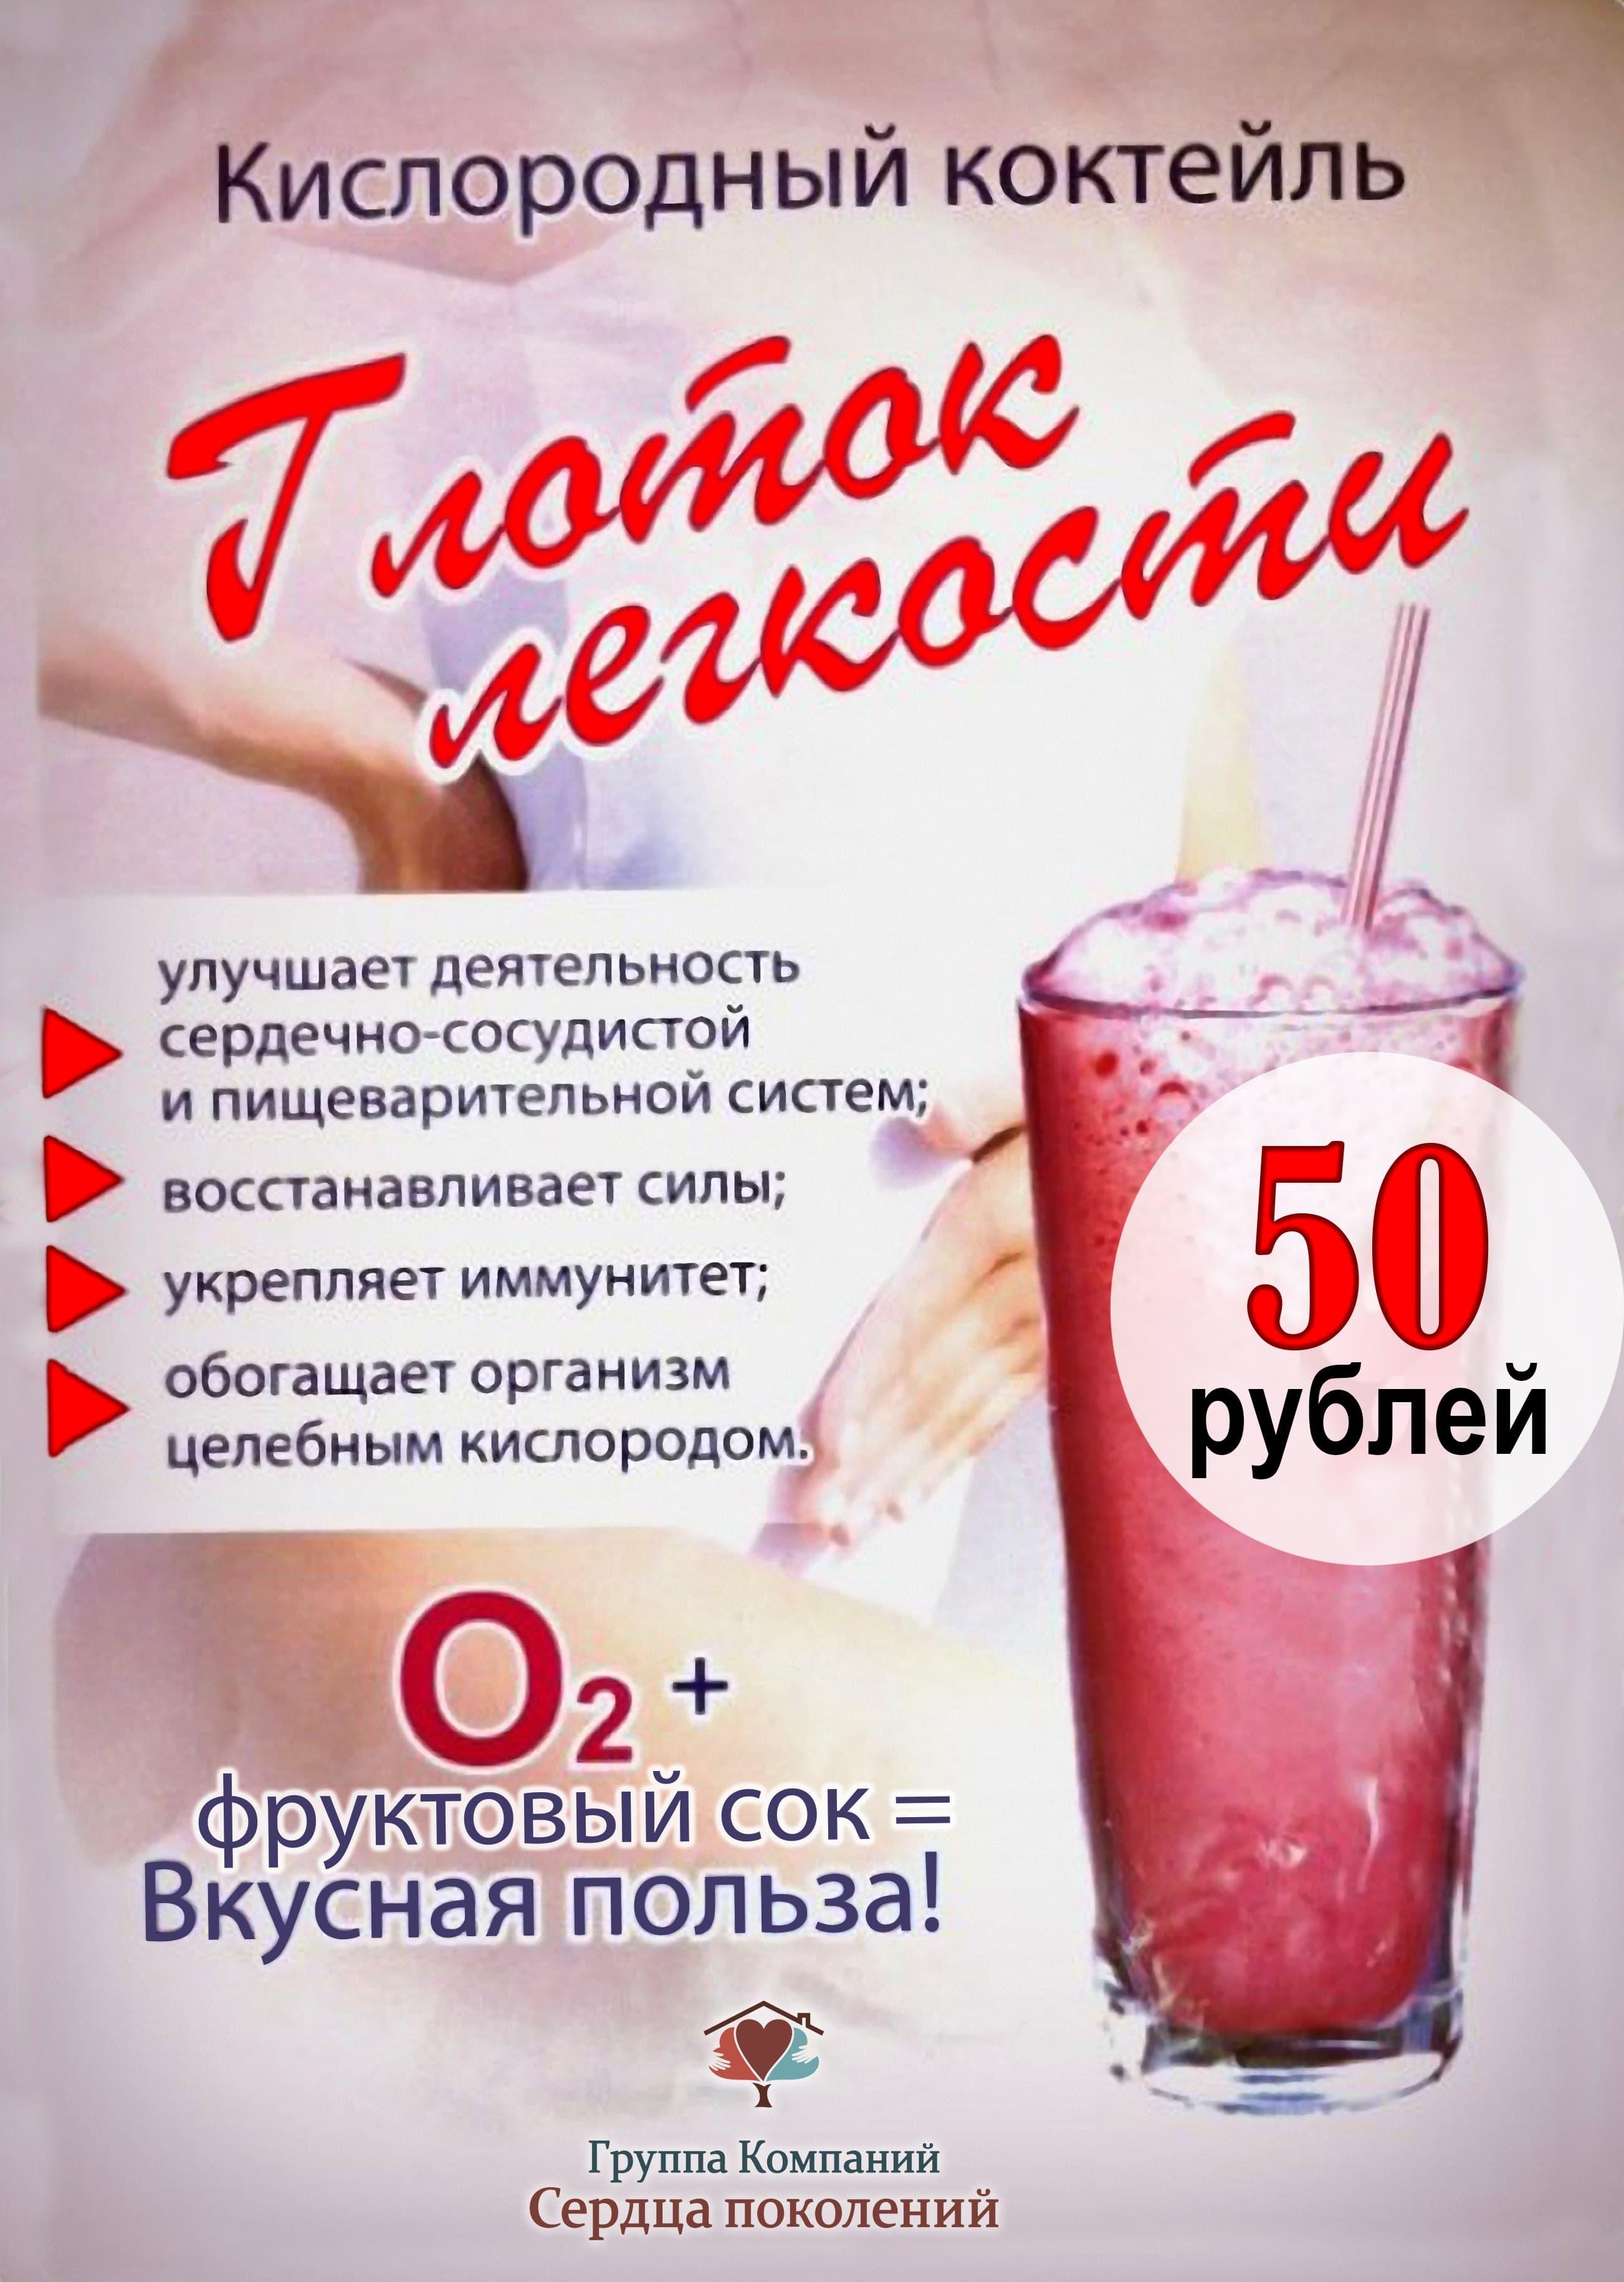 Кислородные коктейли для беременных цена 79